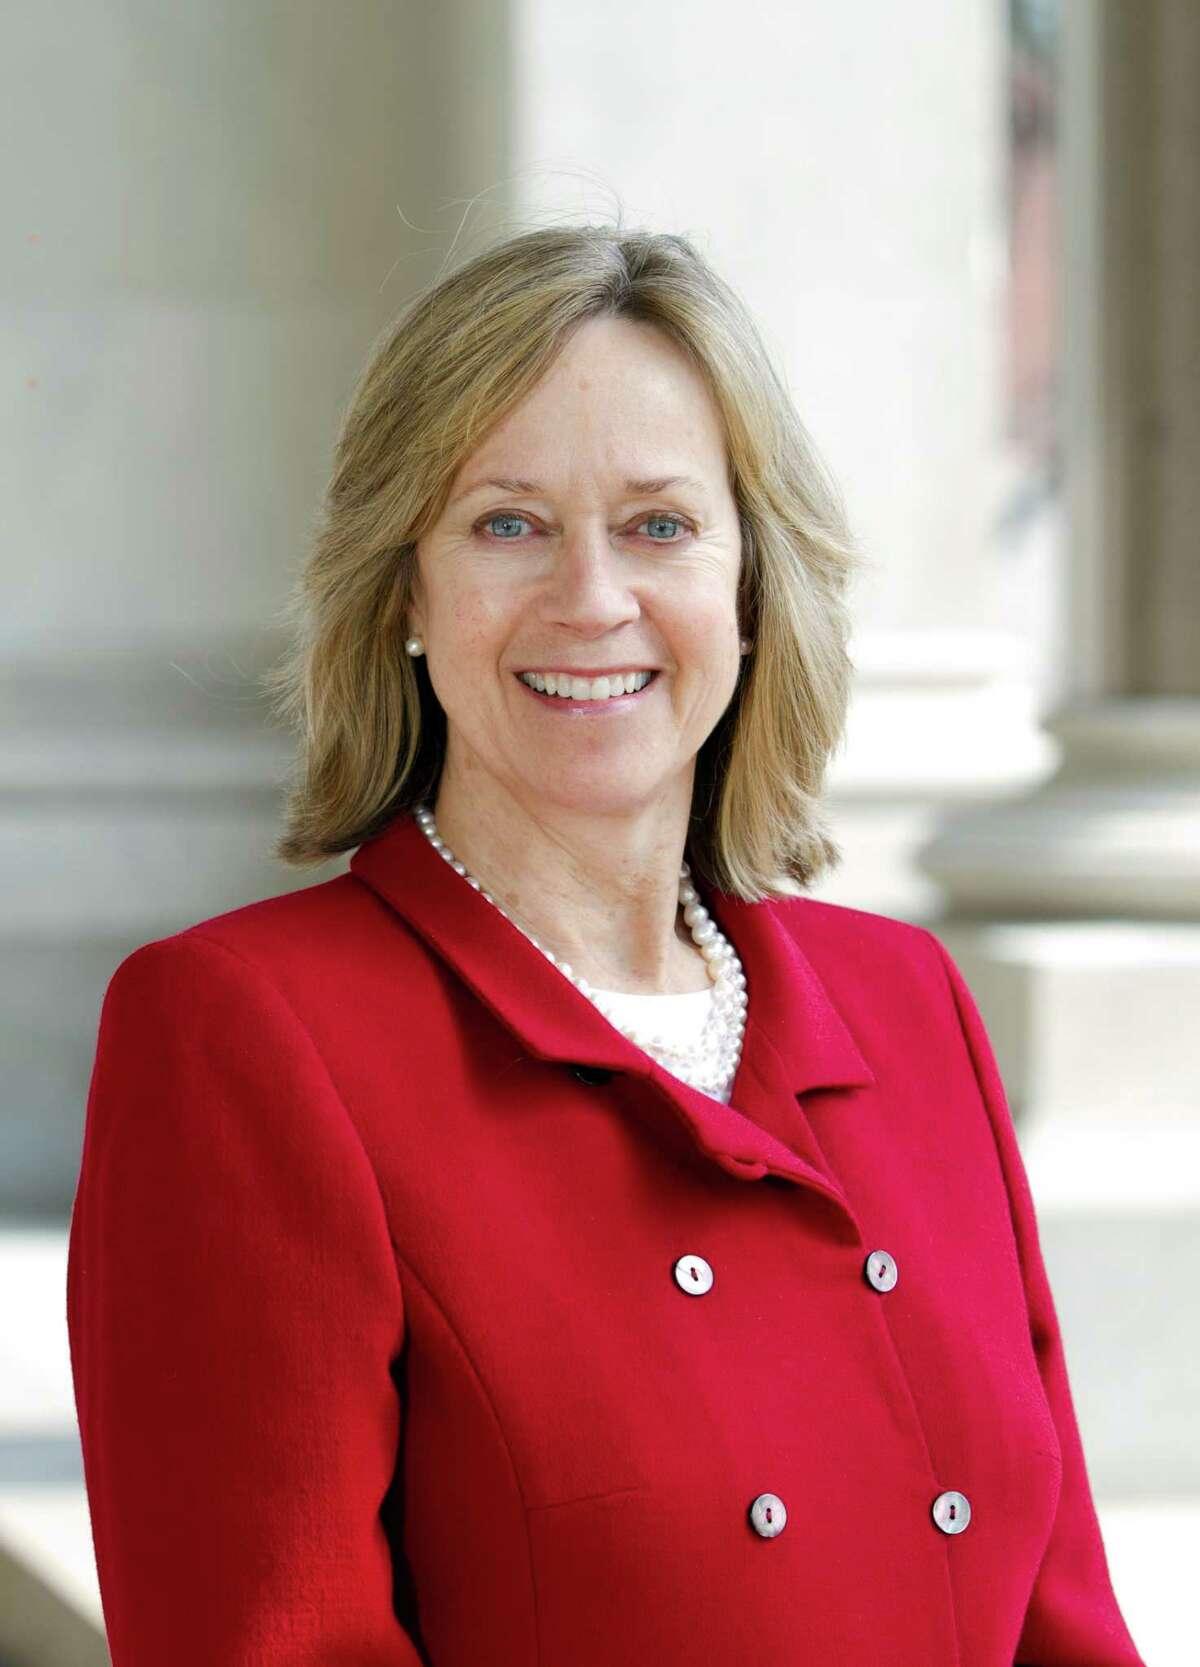 State Rep. Terrie Wood, R-Darien